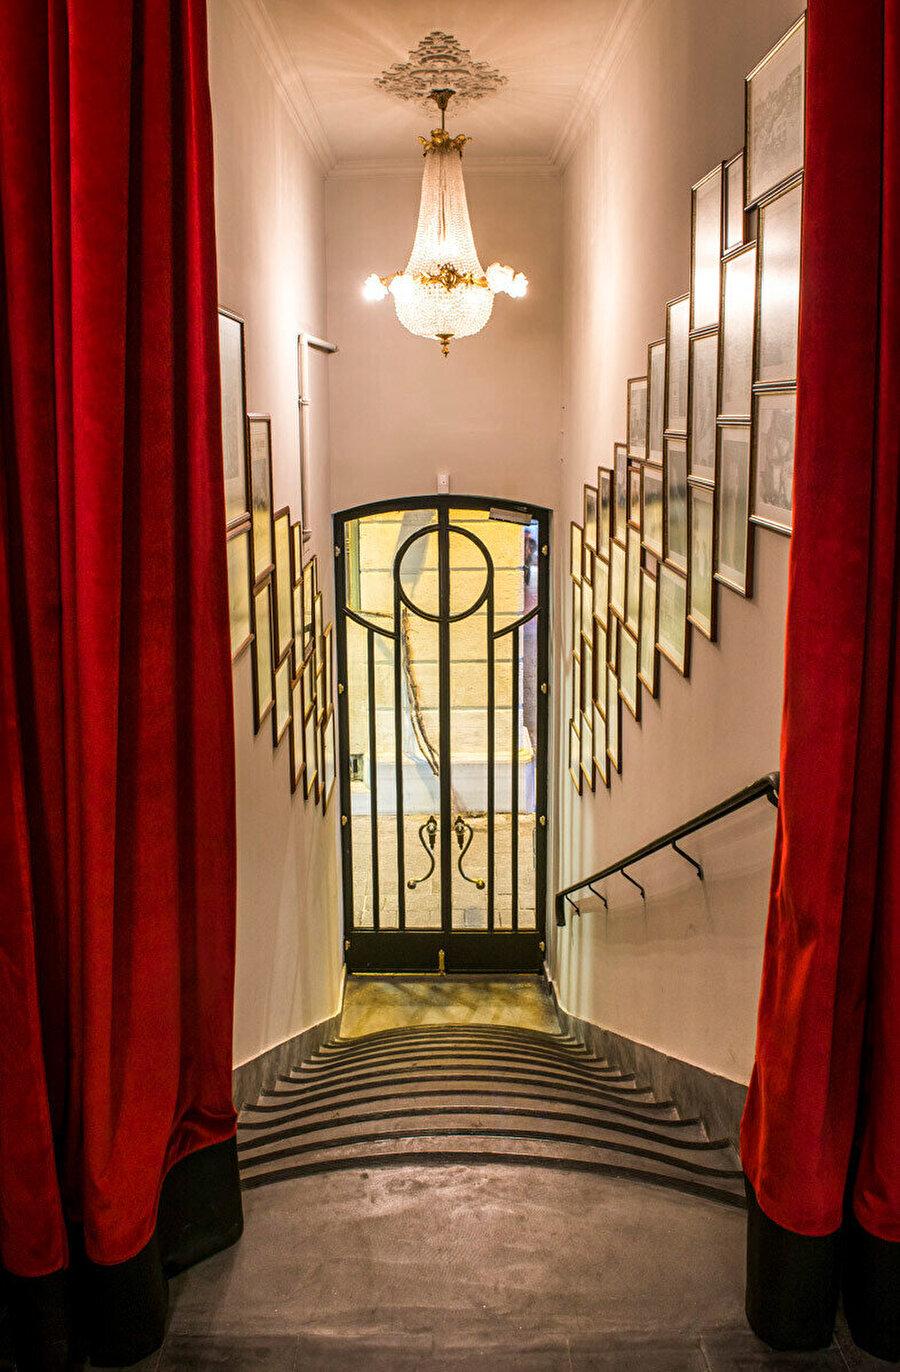 Rejans'ın giriş kapısı ve girişteki taş merdivenleri.